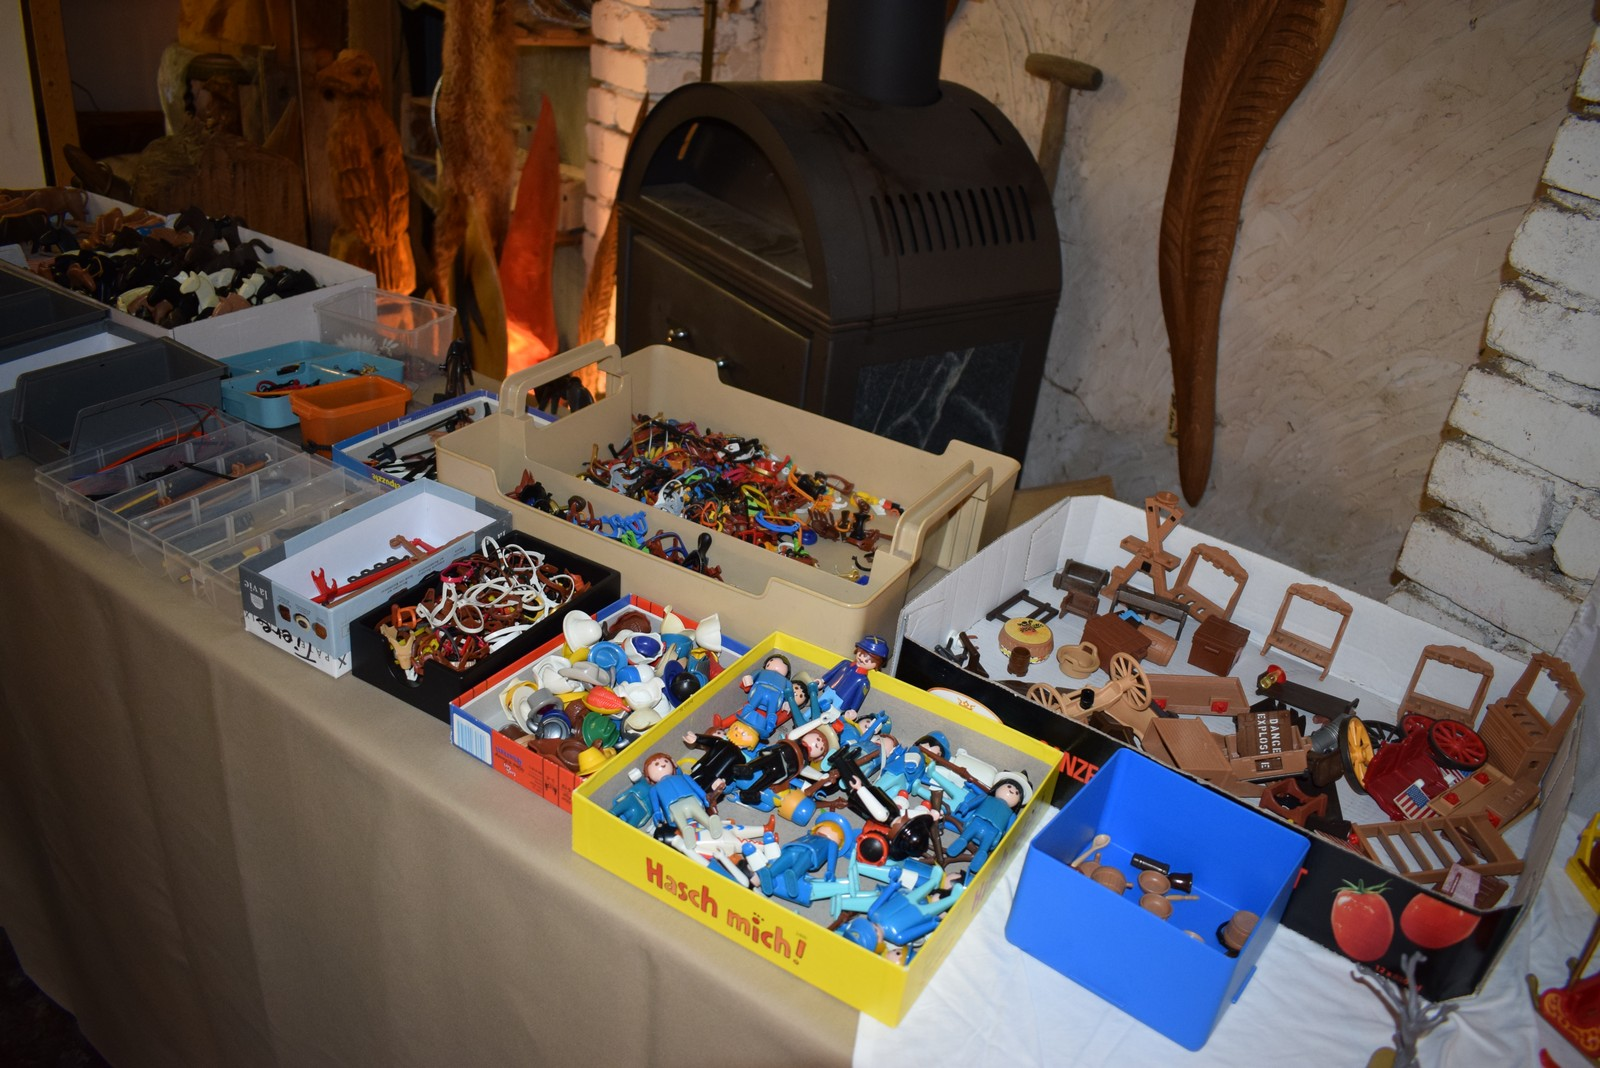 Aus den vielen eingegangenen, kleinteiligen Playmobilspenden der AWIGO-Kunden entstanden 412 verschiedene Playmobil-Päckchen, die nun weiterverschenkt werden können.